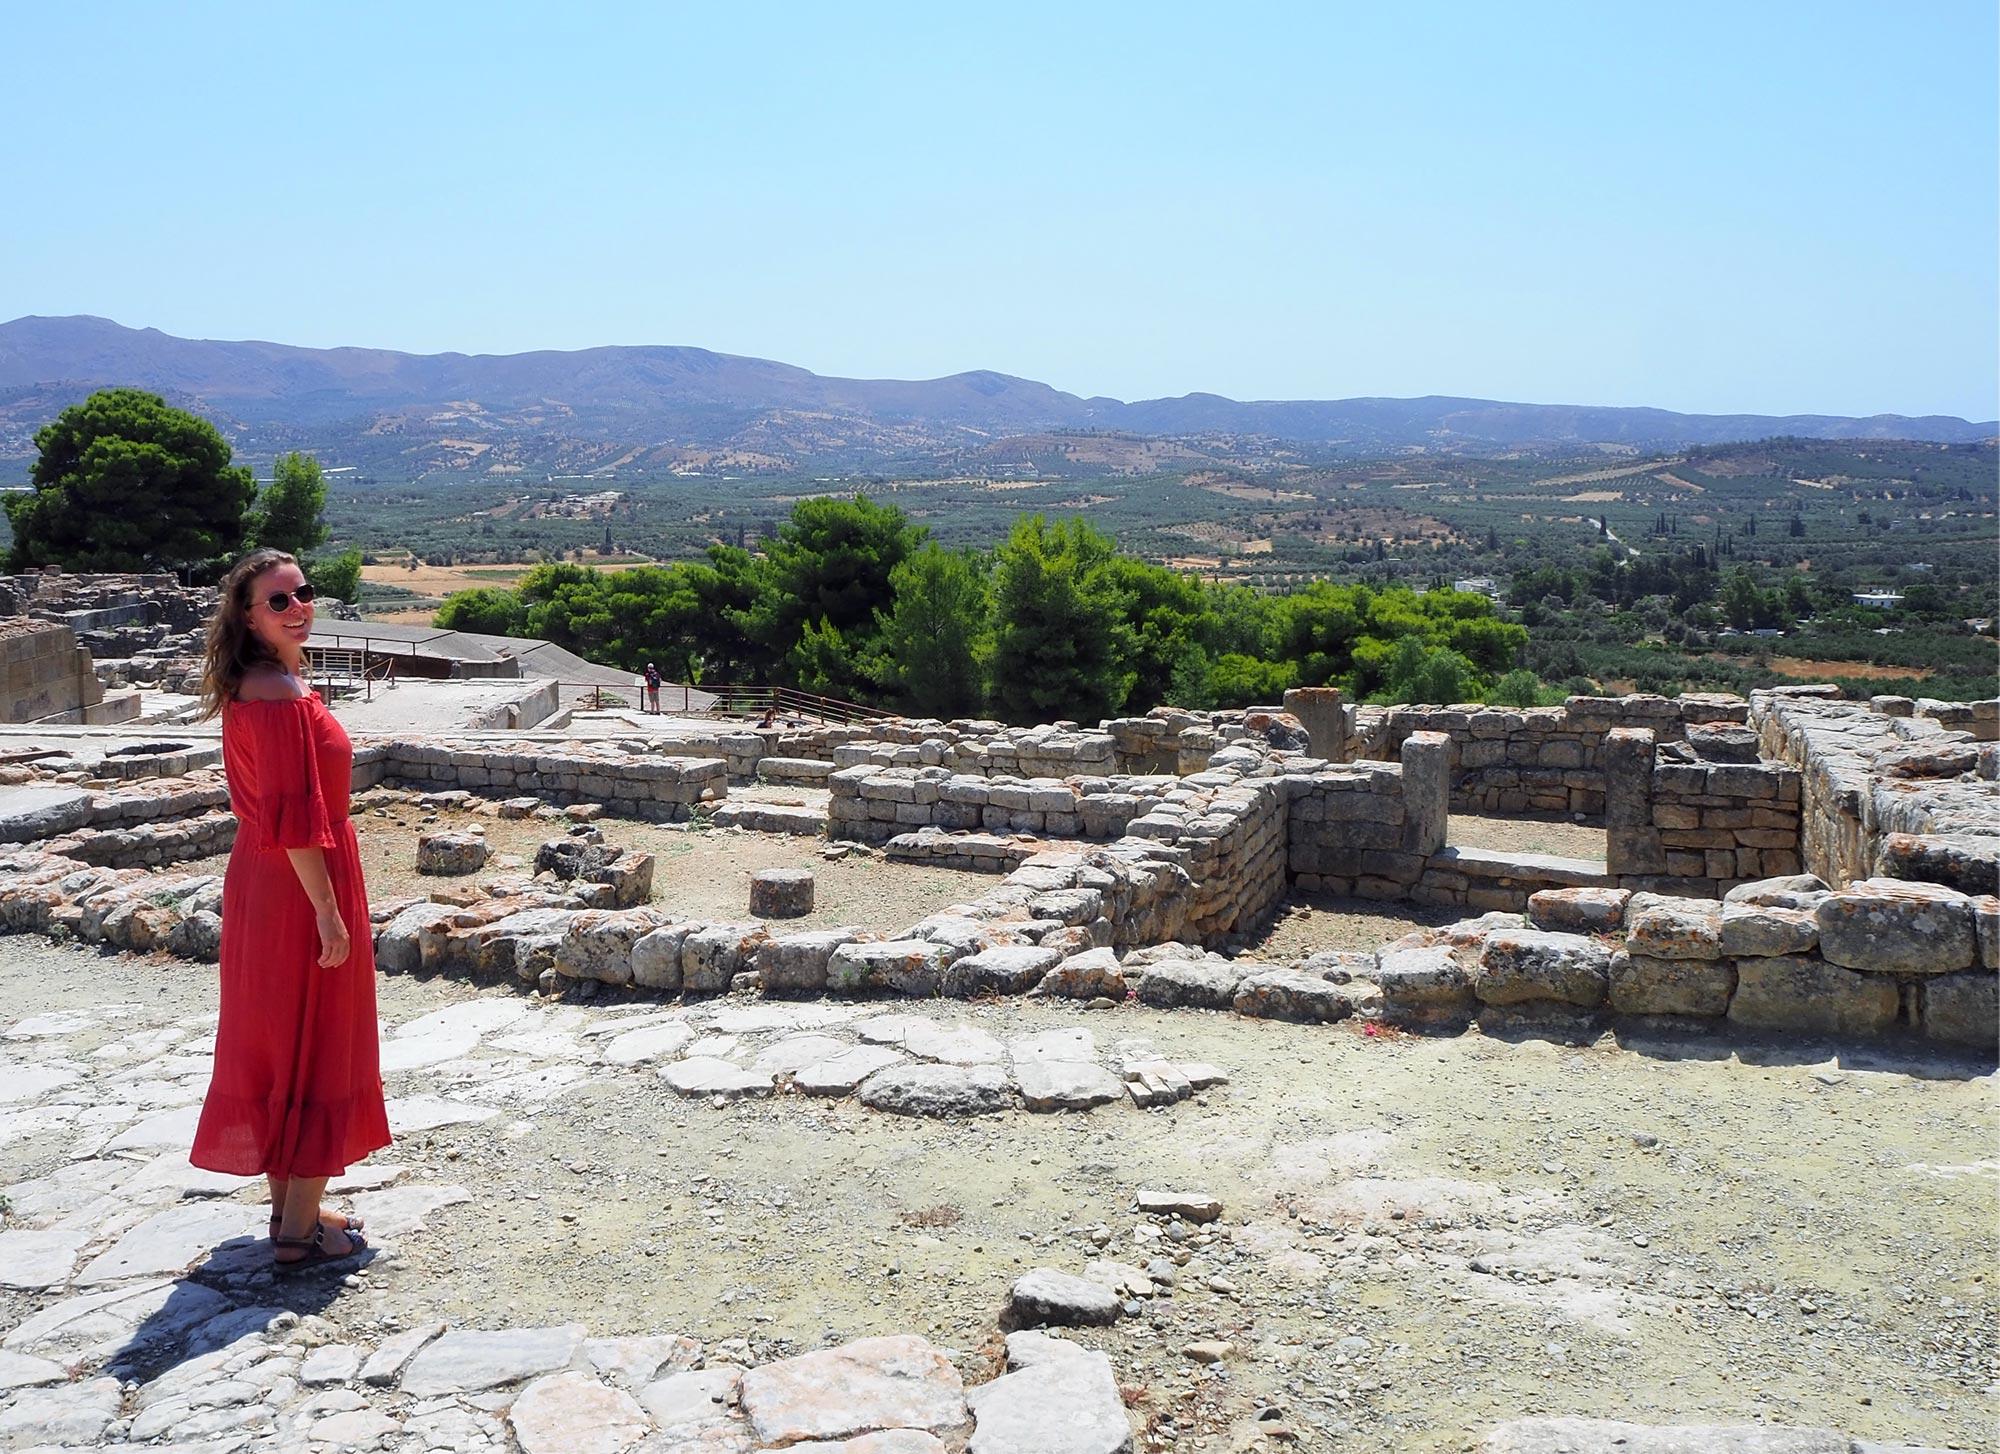 Die archäologische Stätte Phaistos ist nicht so überlaufen wie Knossos